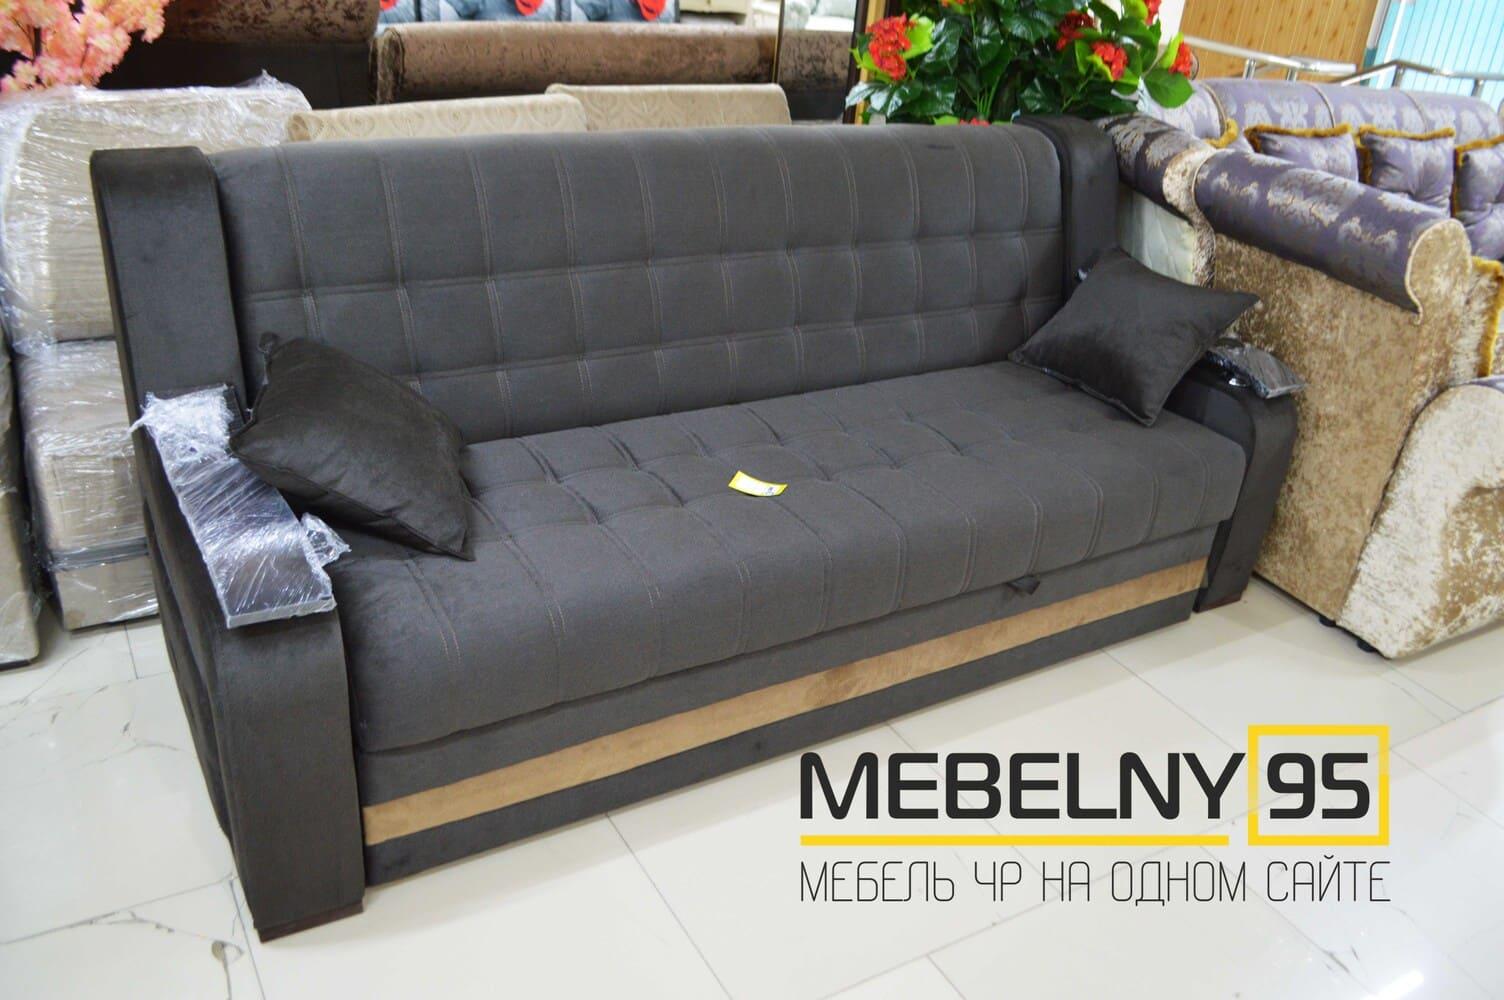 Прямые диваны - изображение №1 на mebelny95.ru